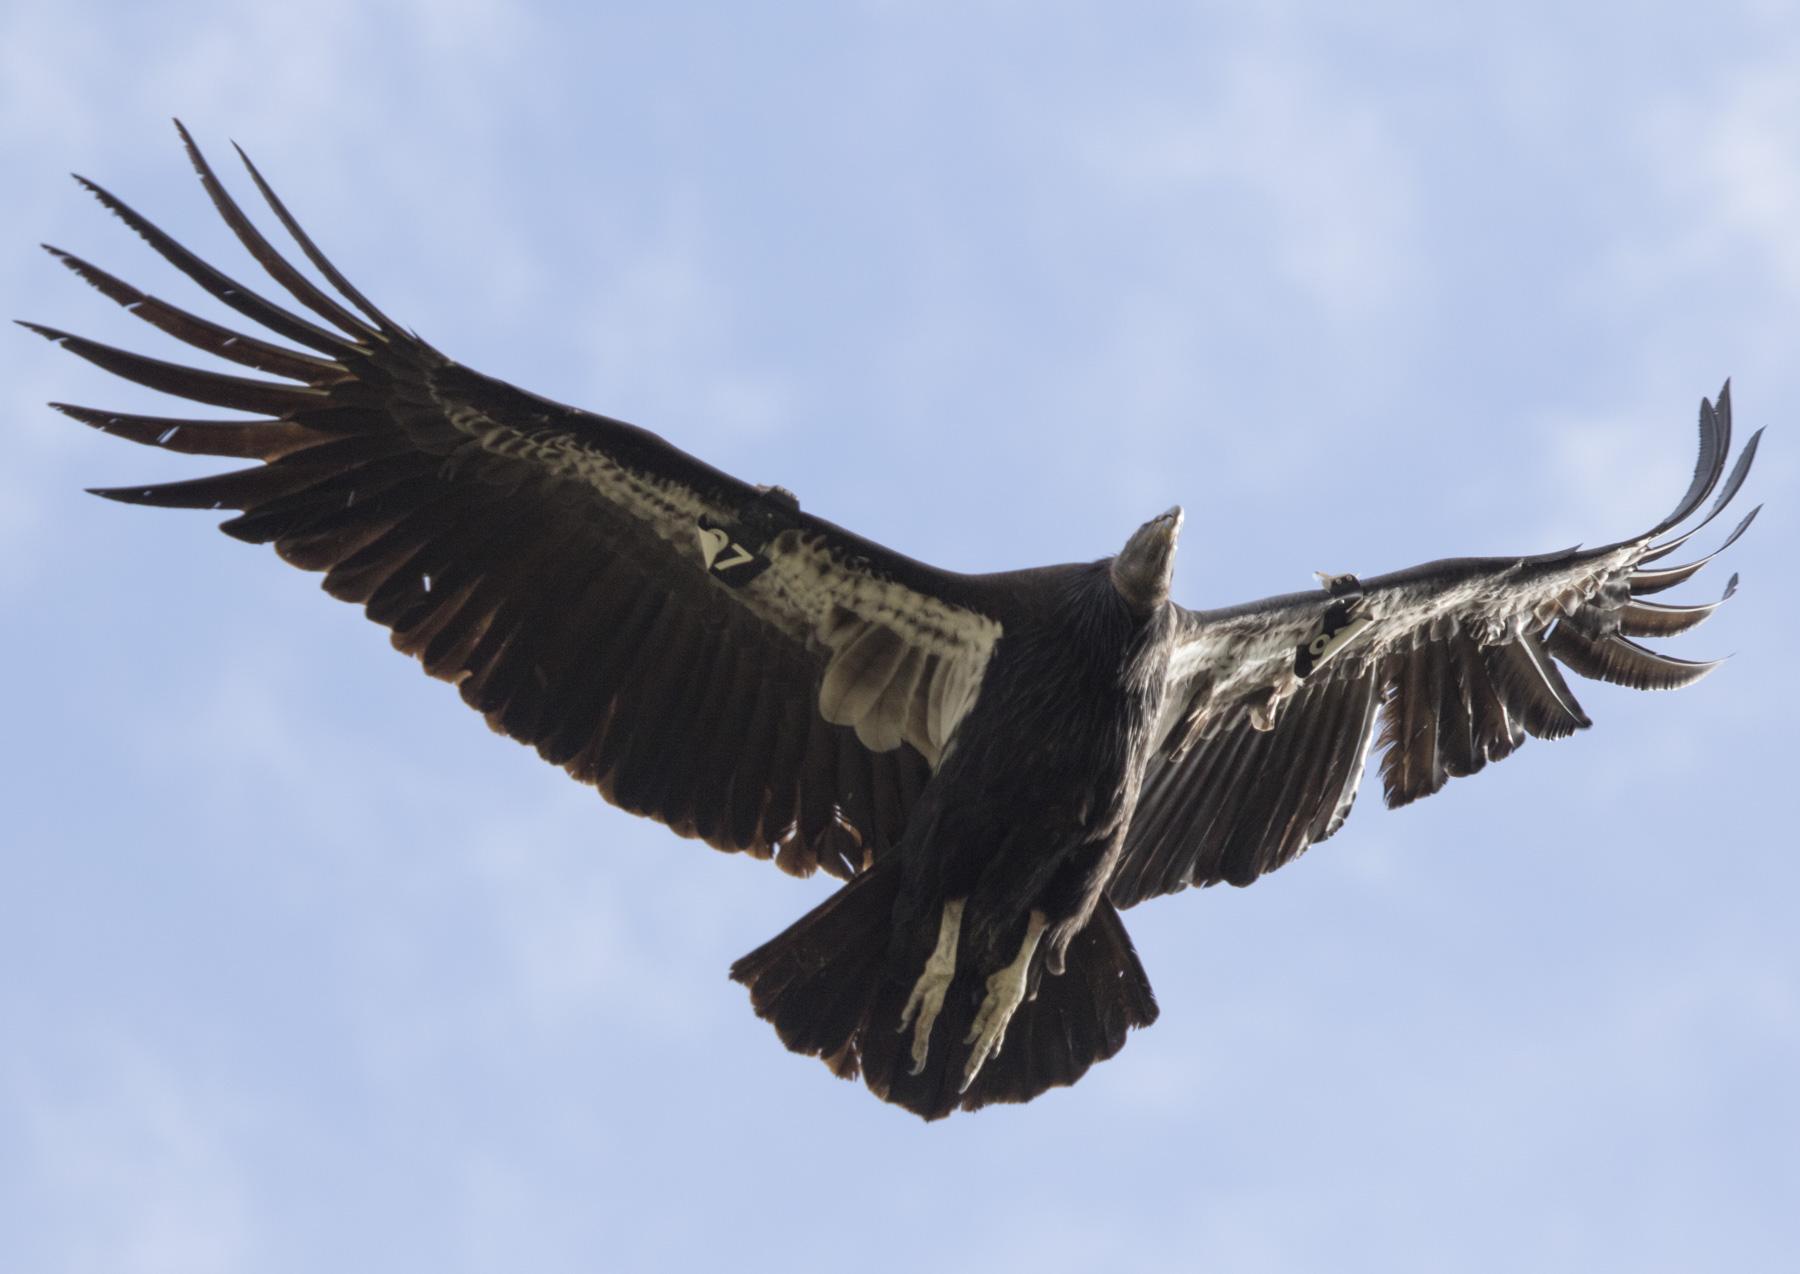 Condor: SOAR, GLIDE